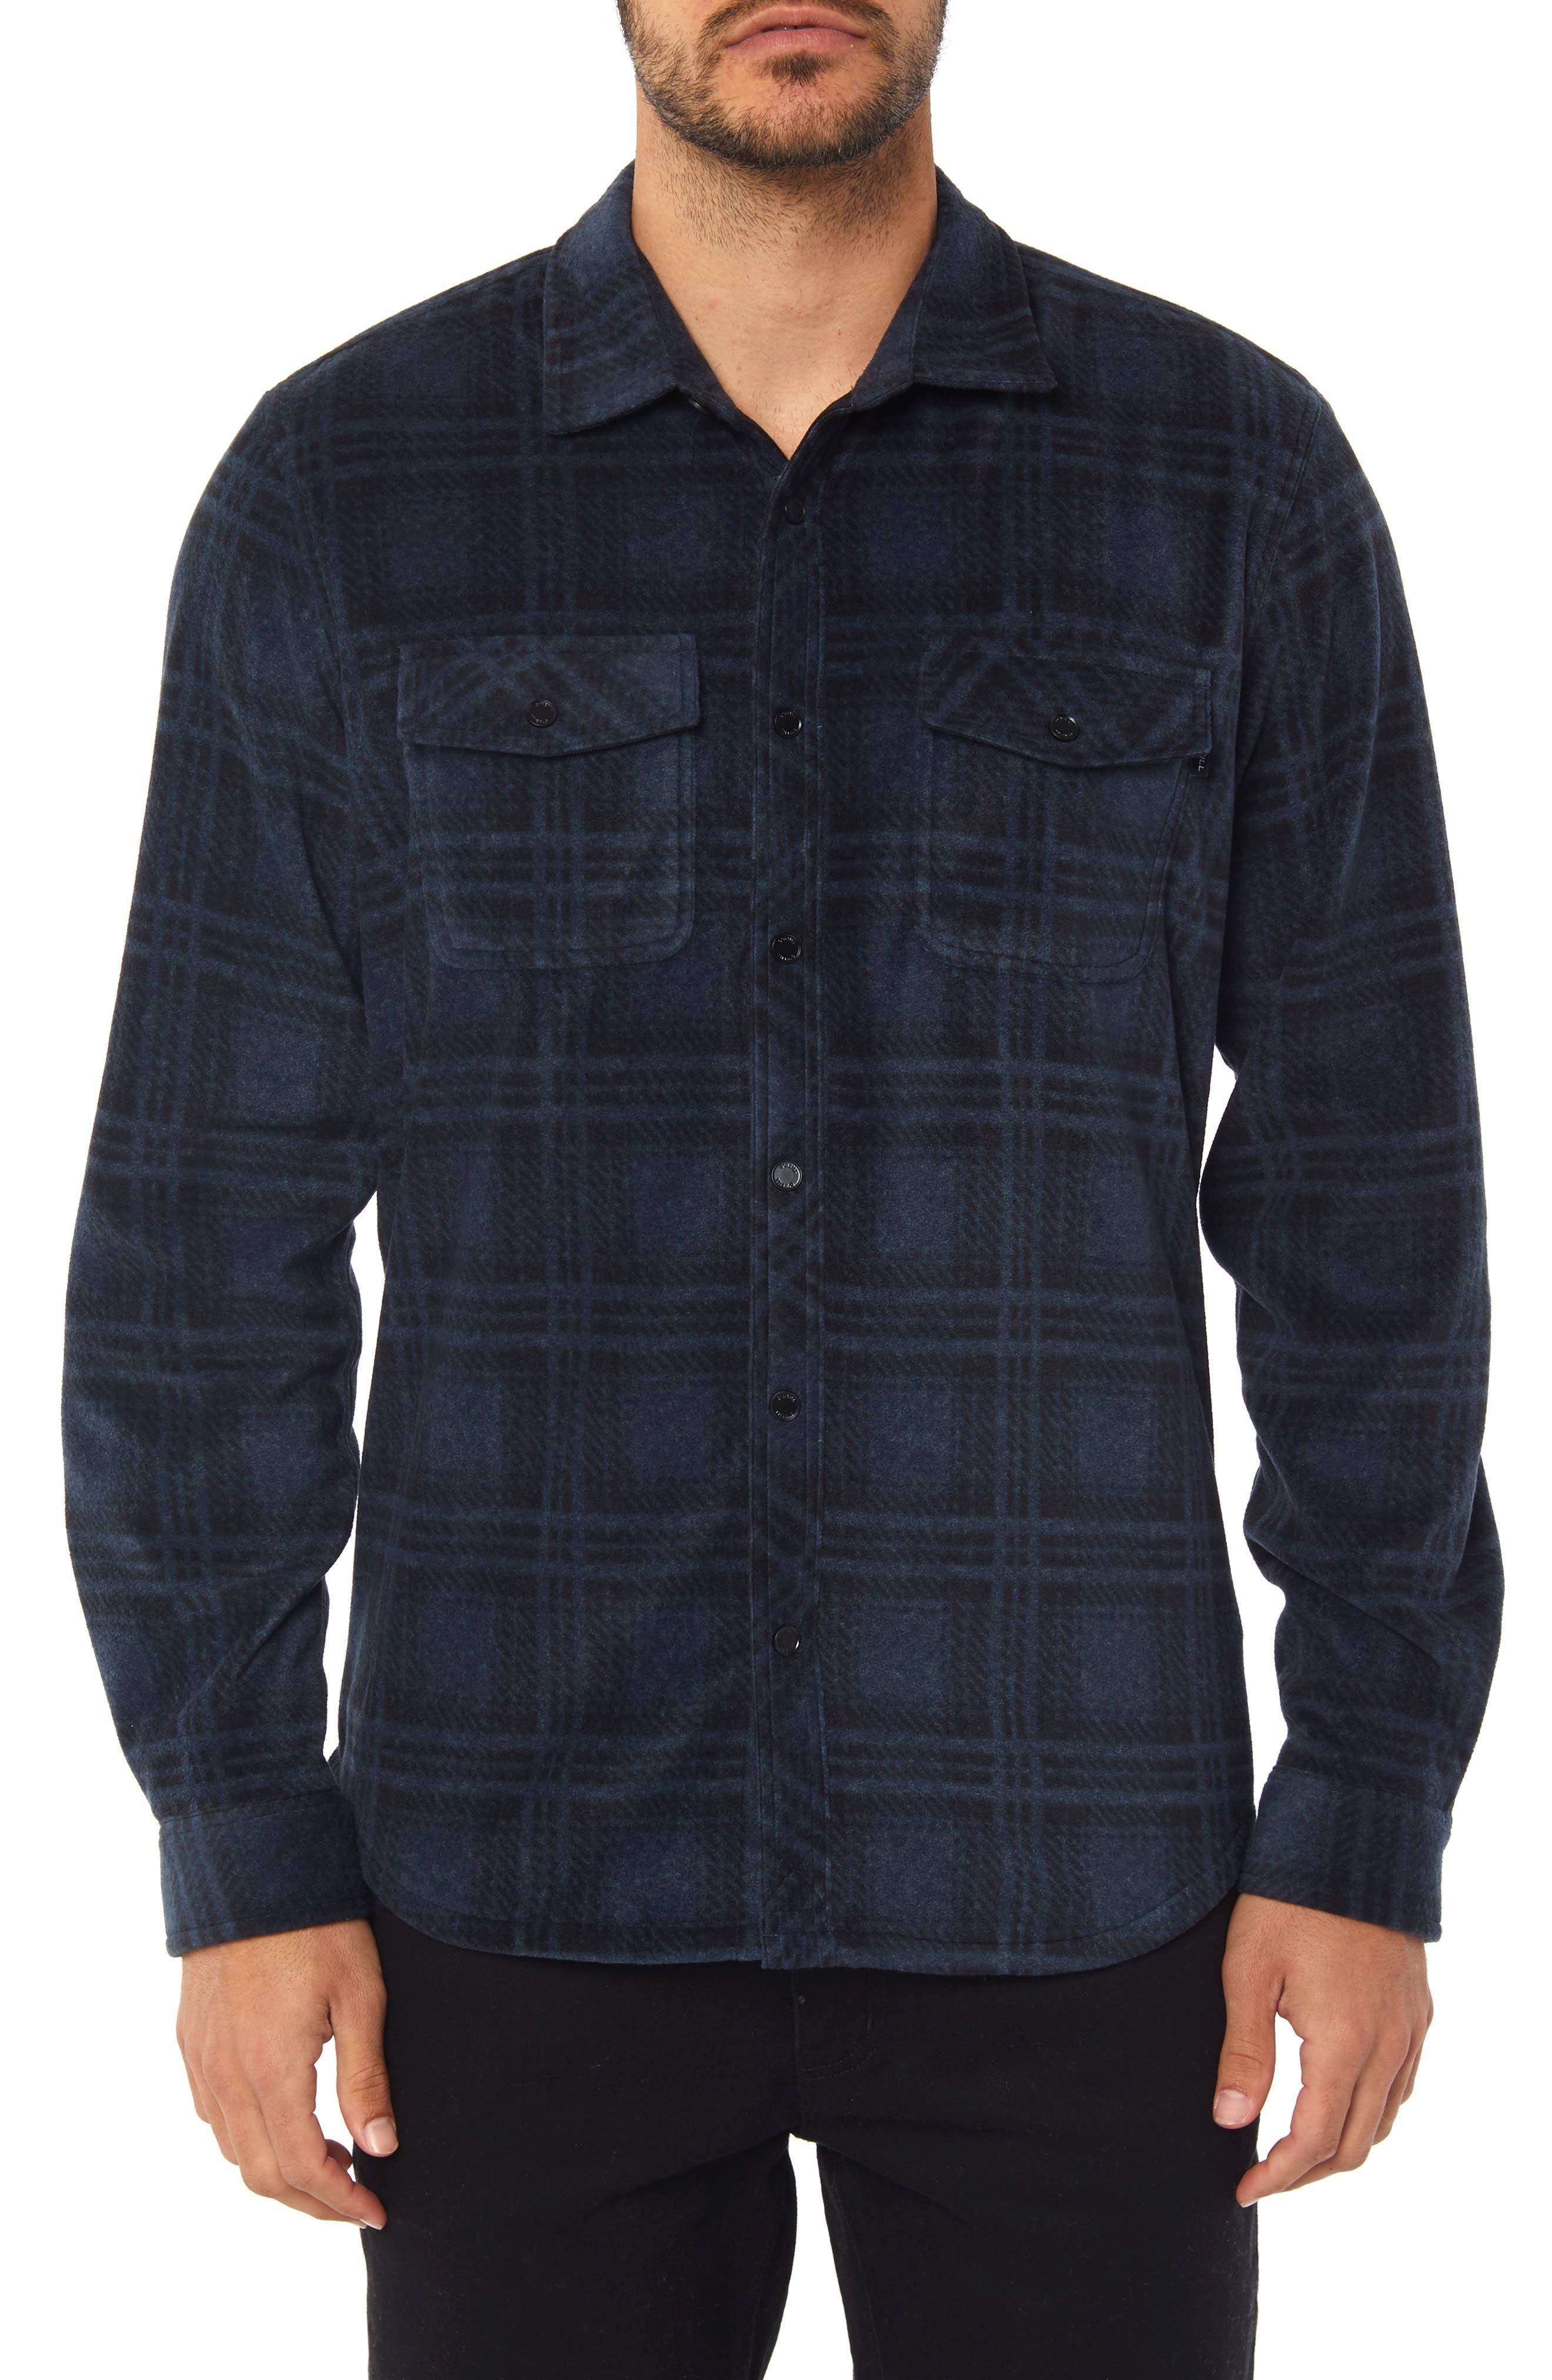 Glacier Ridge Long Sleeve Shirt,                             Main thumbnail 1, color,                             DARK NAVY